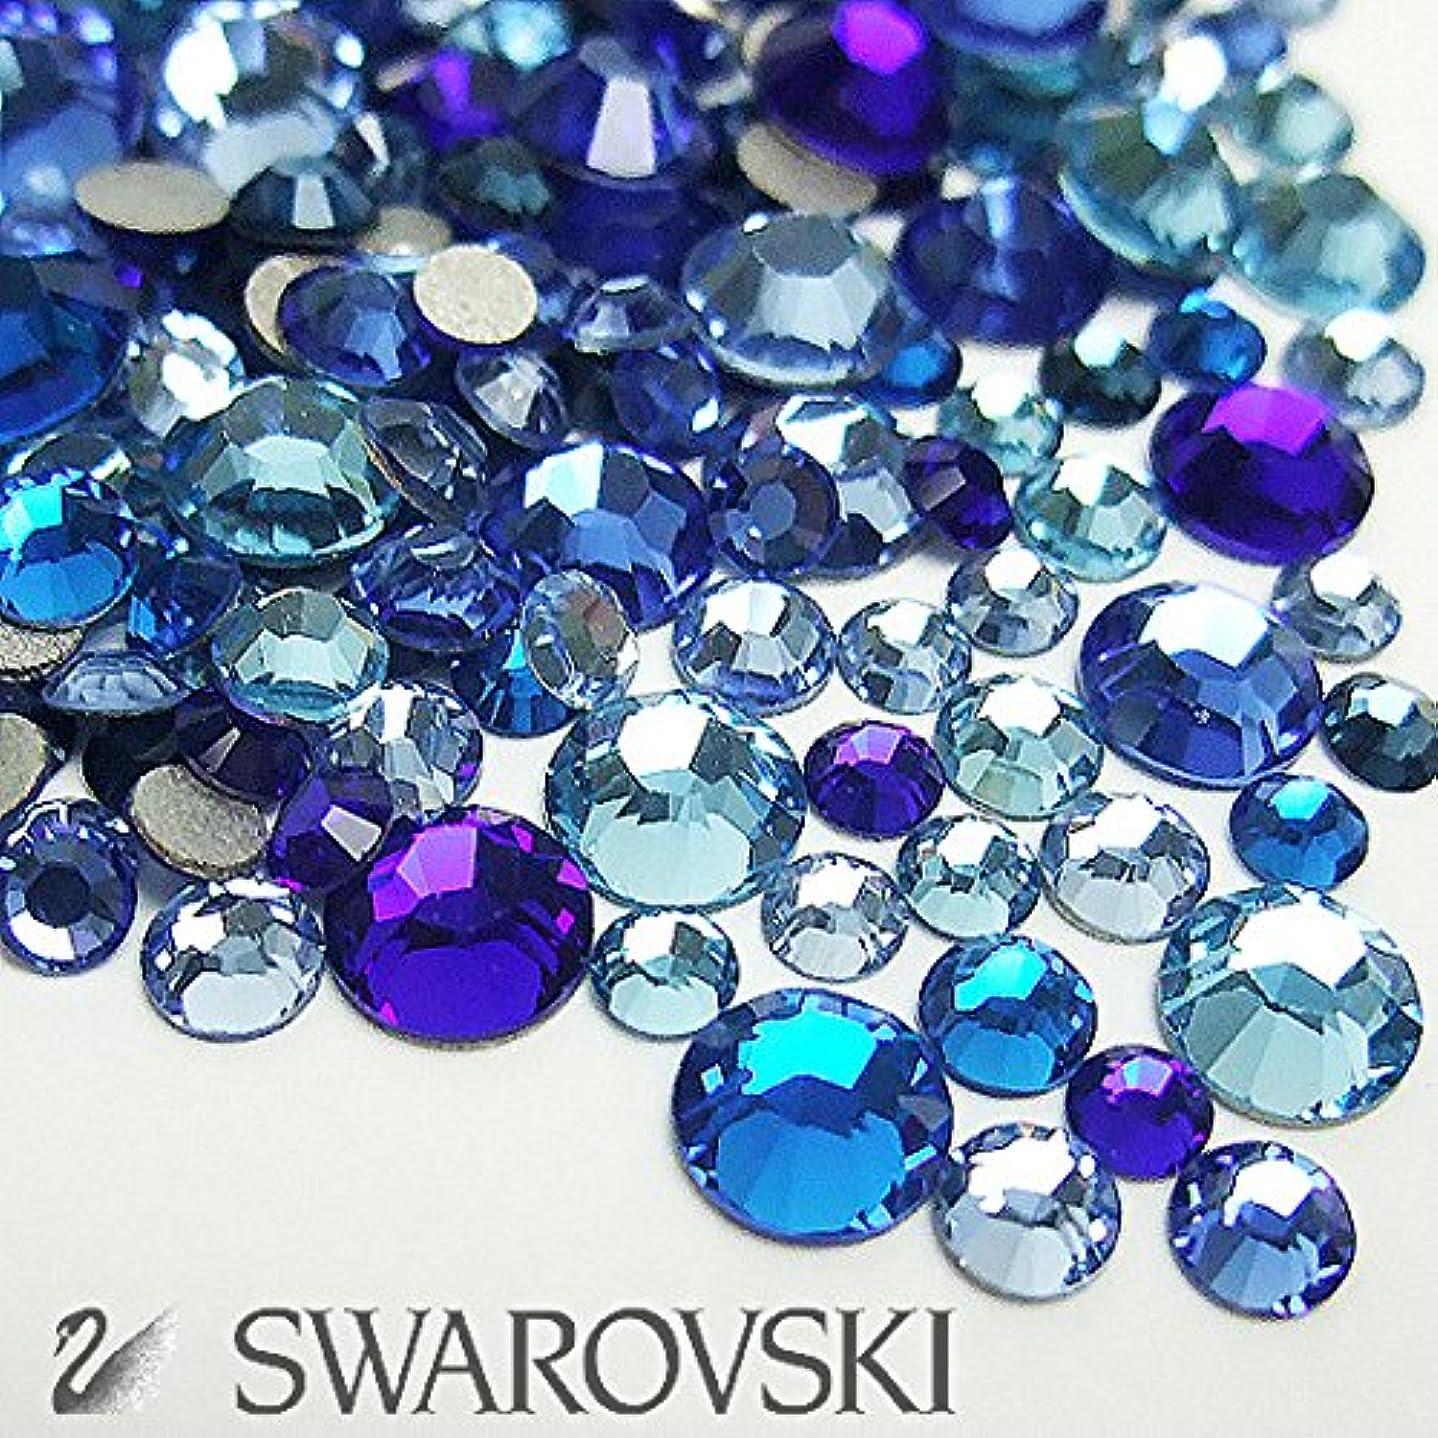 トリップ管理者不変スワロフスキー(Swarovski) クリスタライズ ラインストーン お試しMIX (100粒) ブルー